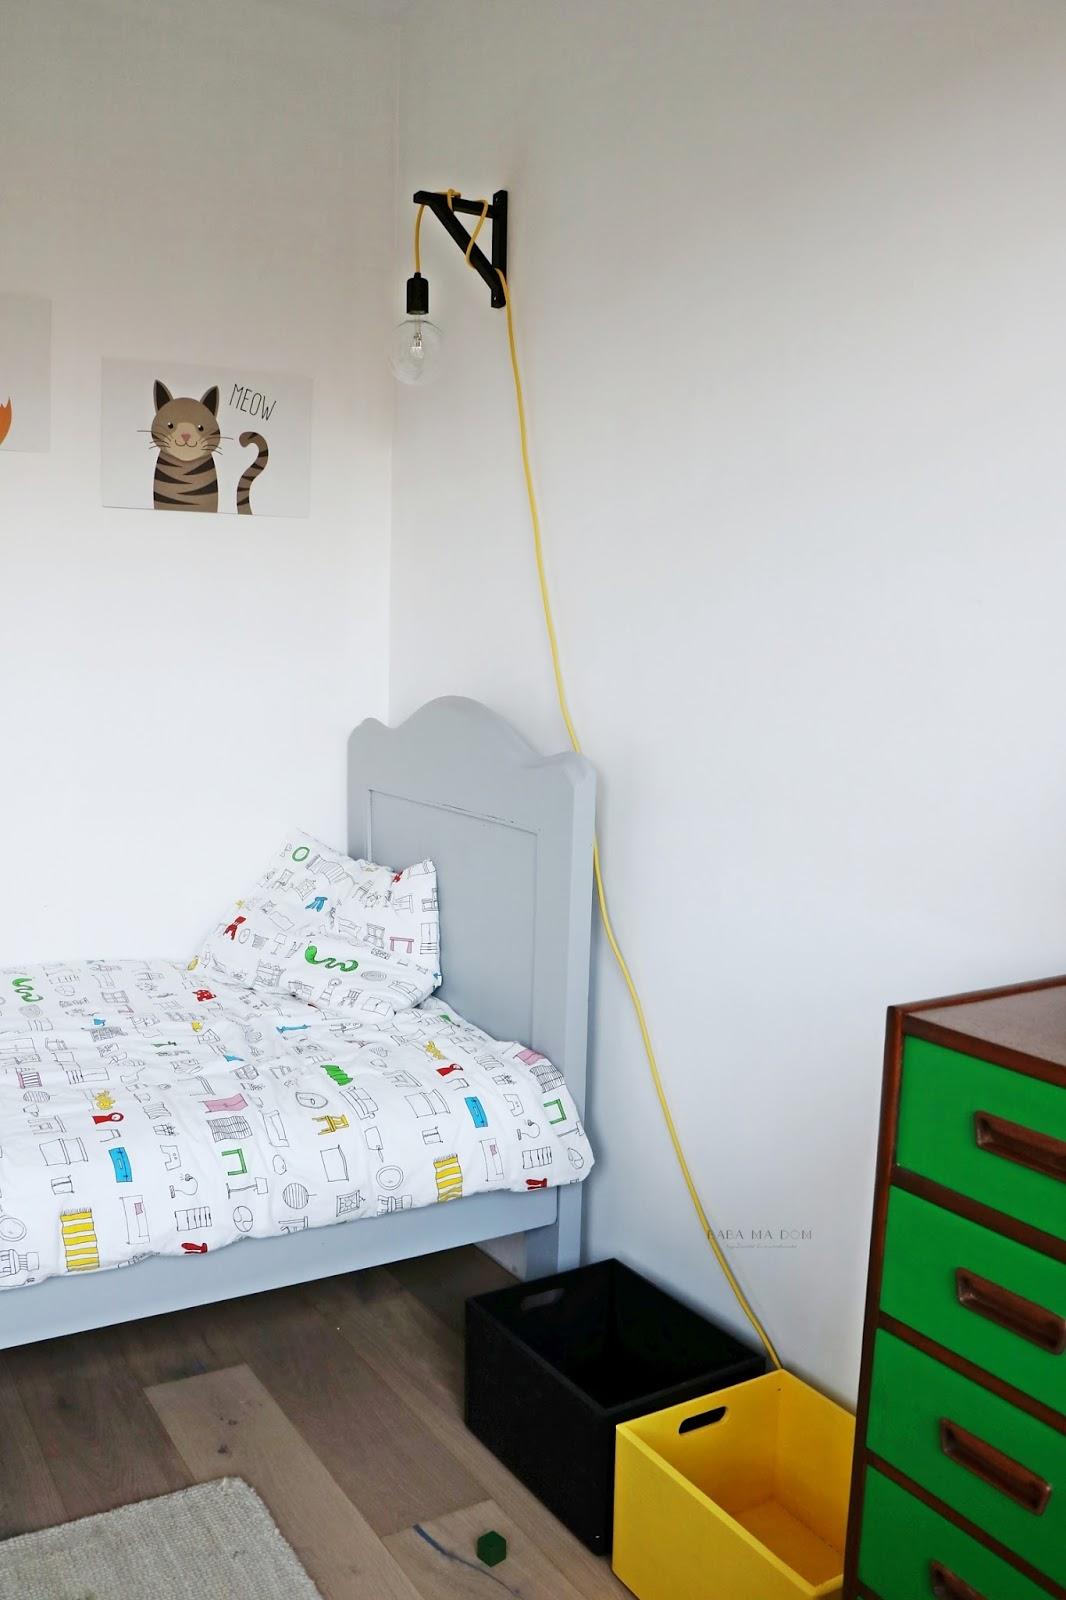 babajedzie, babamadom, DIY, doityourself, dzieci, farba tablicowa, featured, kampania baby, meble, metamorfozy, pokój, wnętrza, zrób to sam, aranżacje wnętrz, design, vintage,